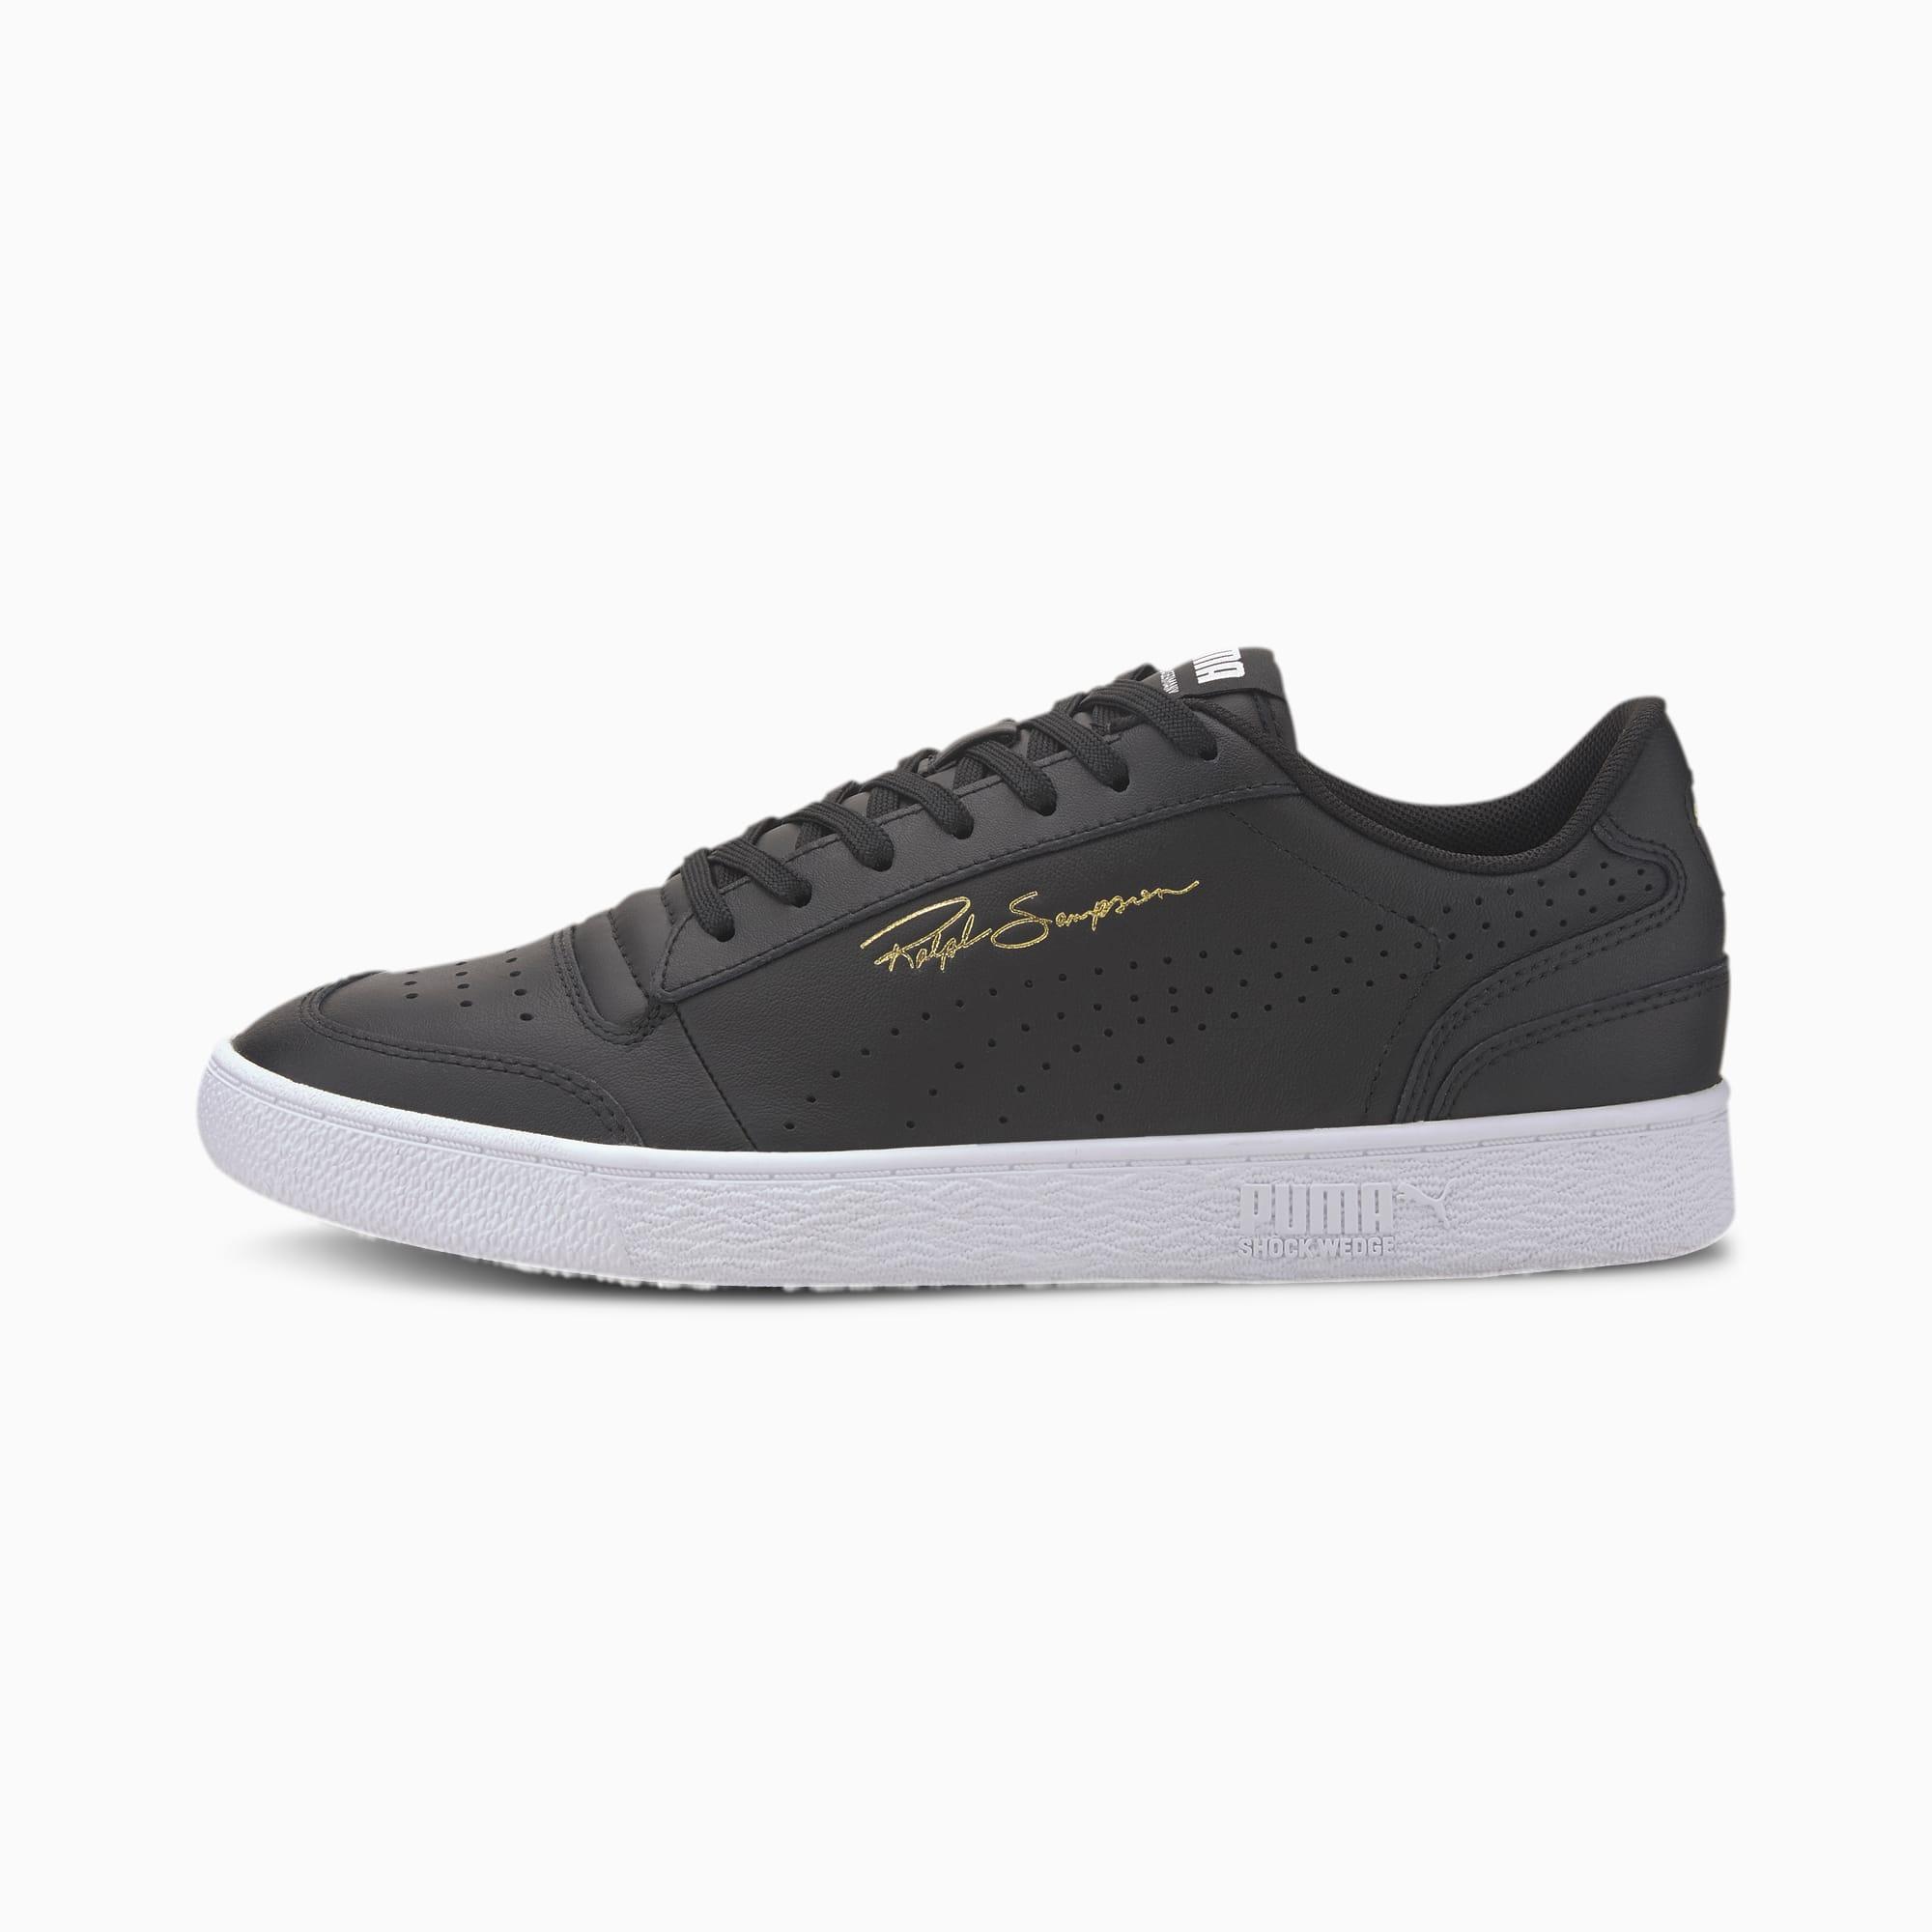 PUMA Ralph Sampson Lo Sneaker Schuhe   Mit Aucun   Schwarz/Weiß   Größe: 44.5